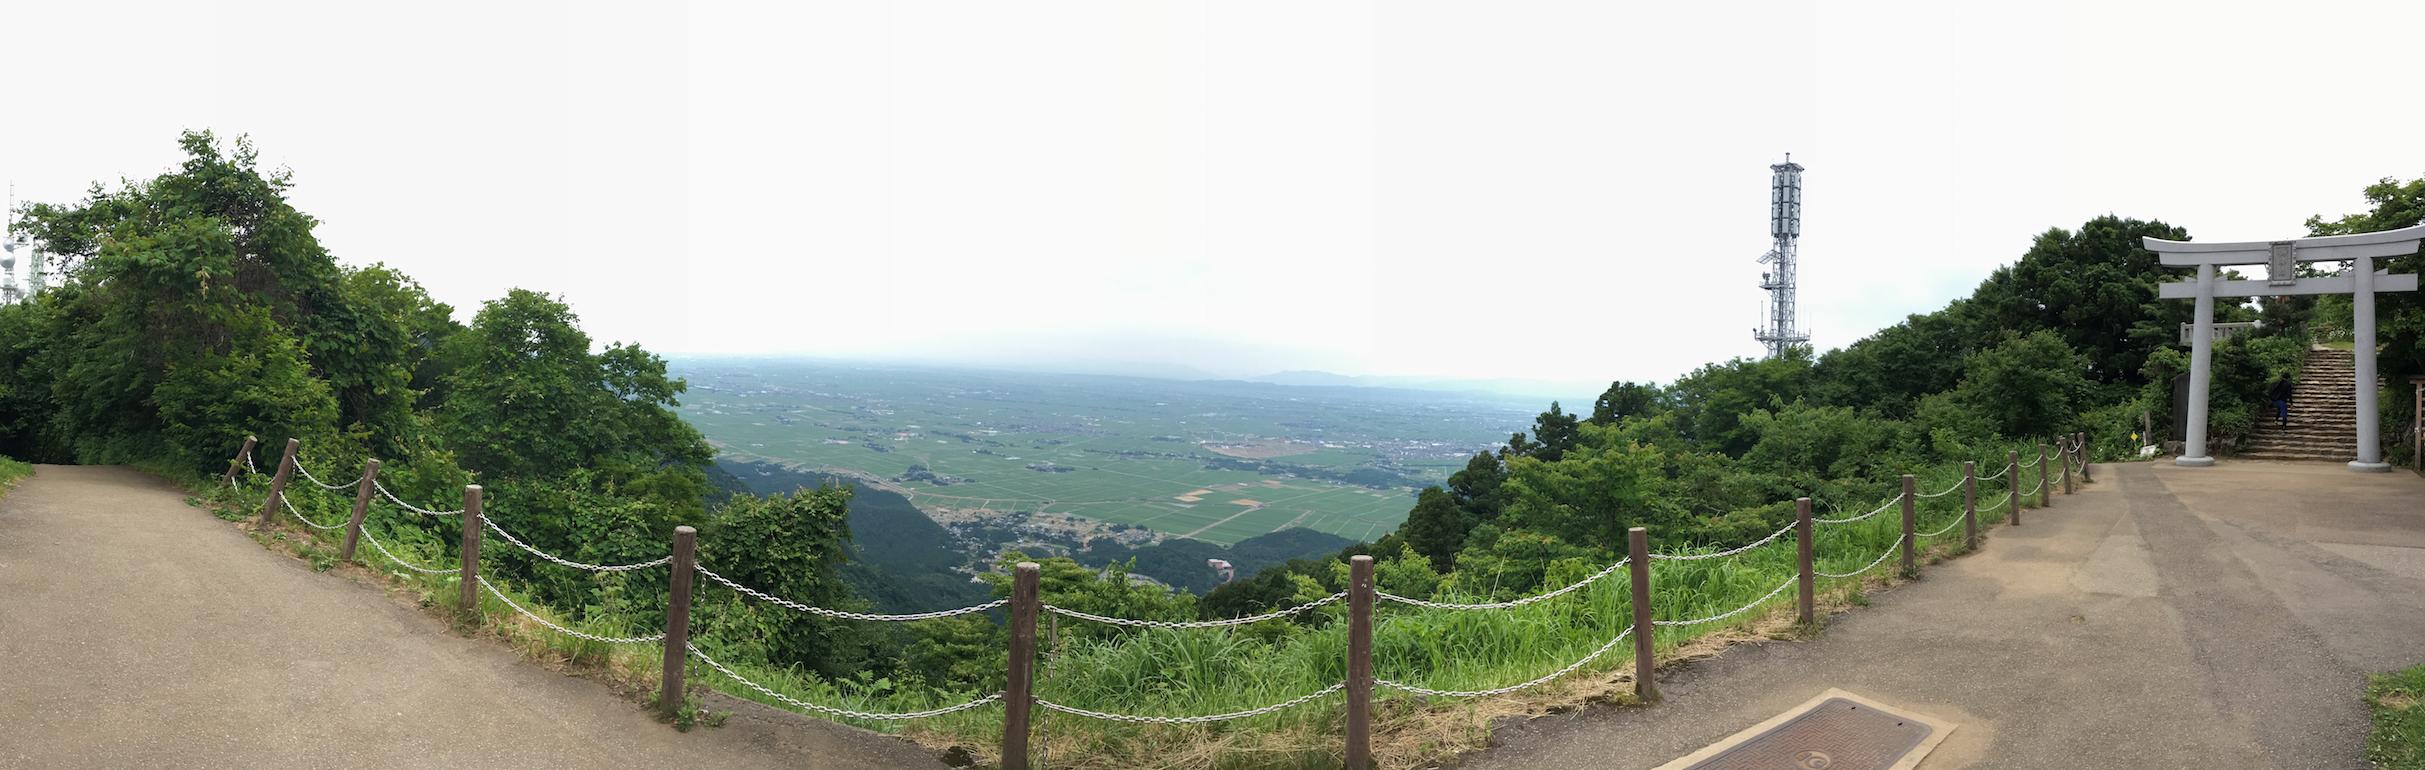 弥彦山山頂付近からの景色